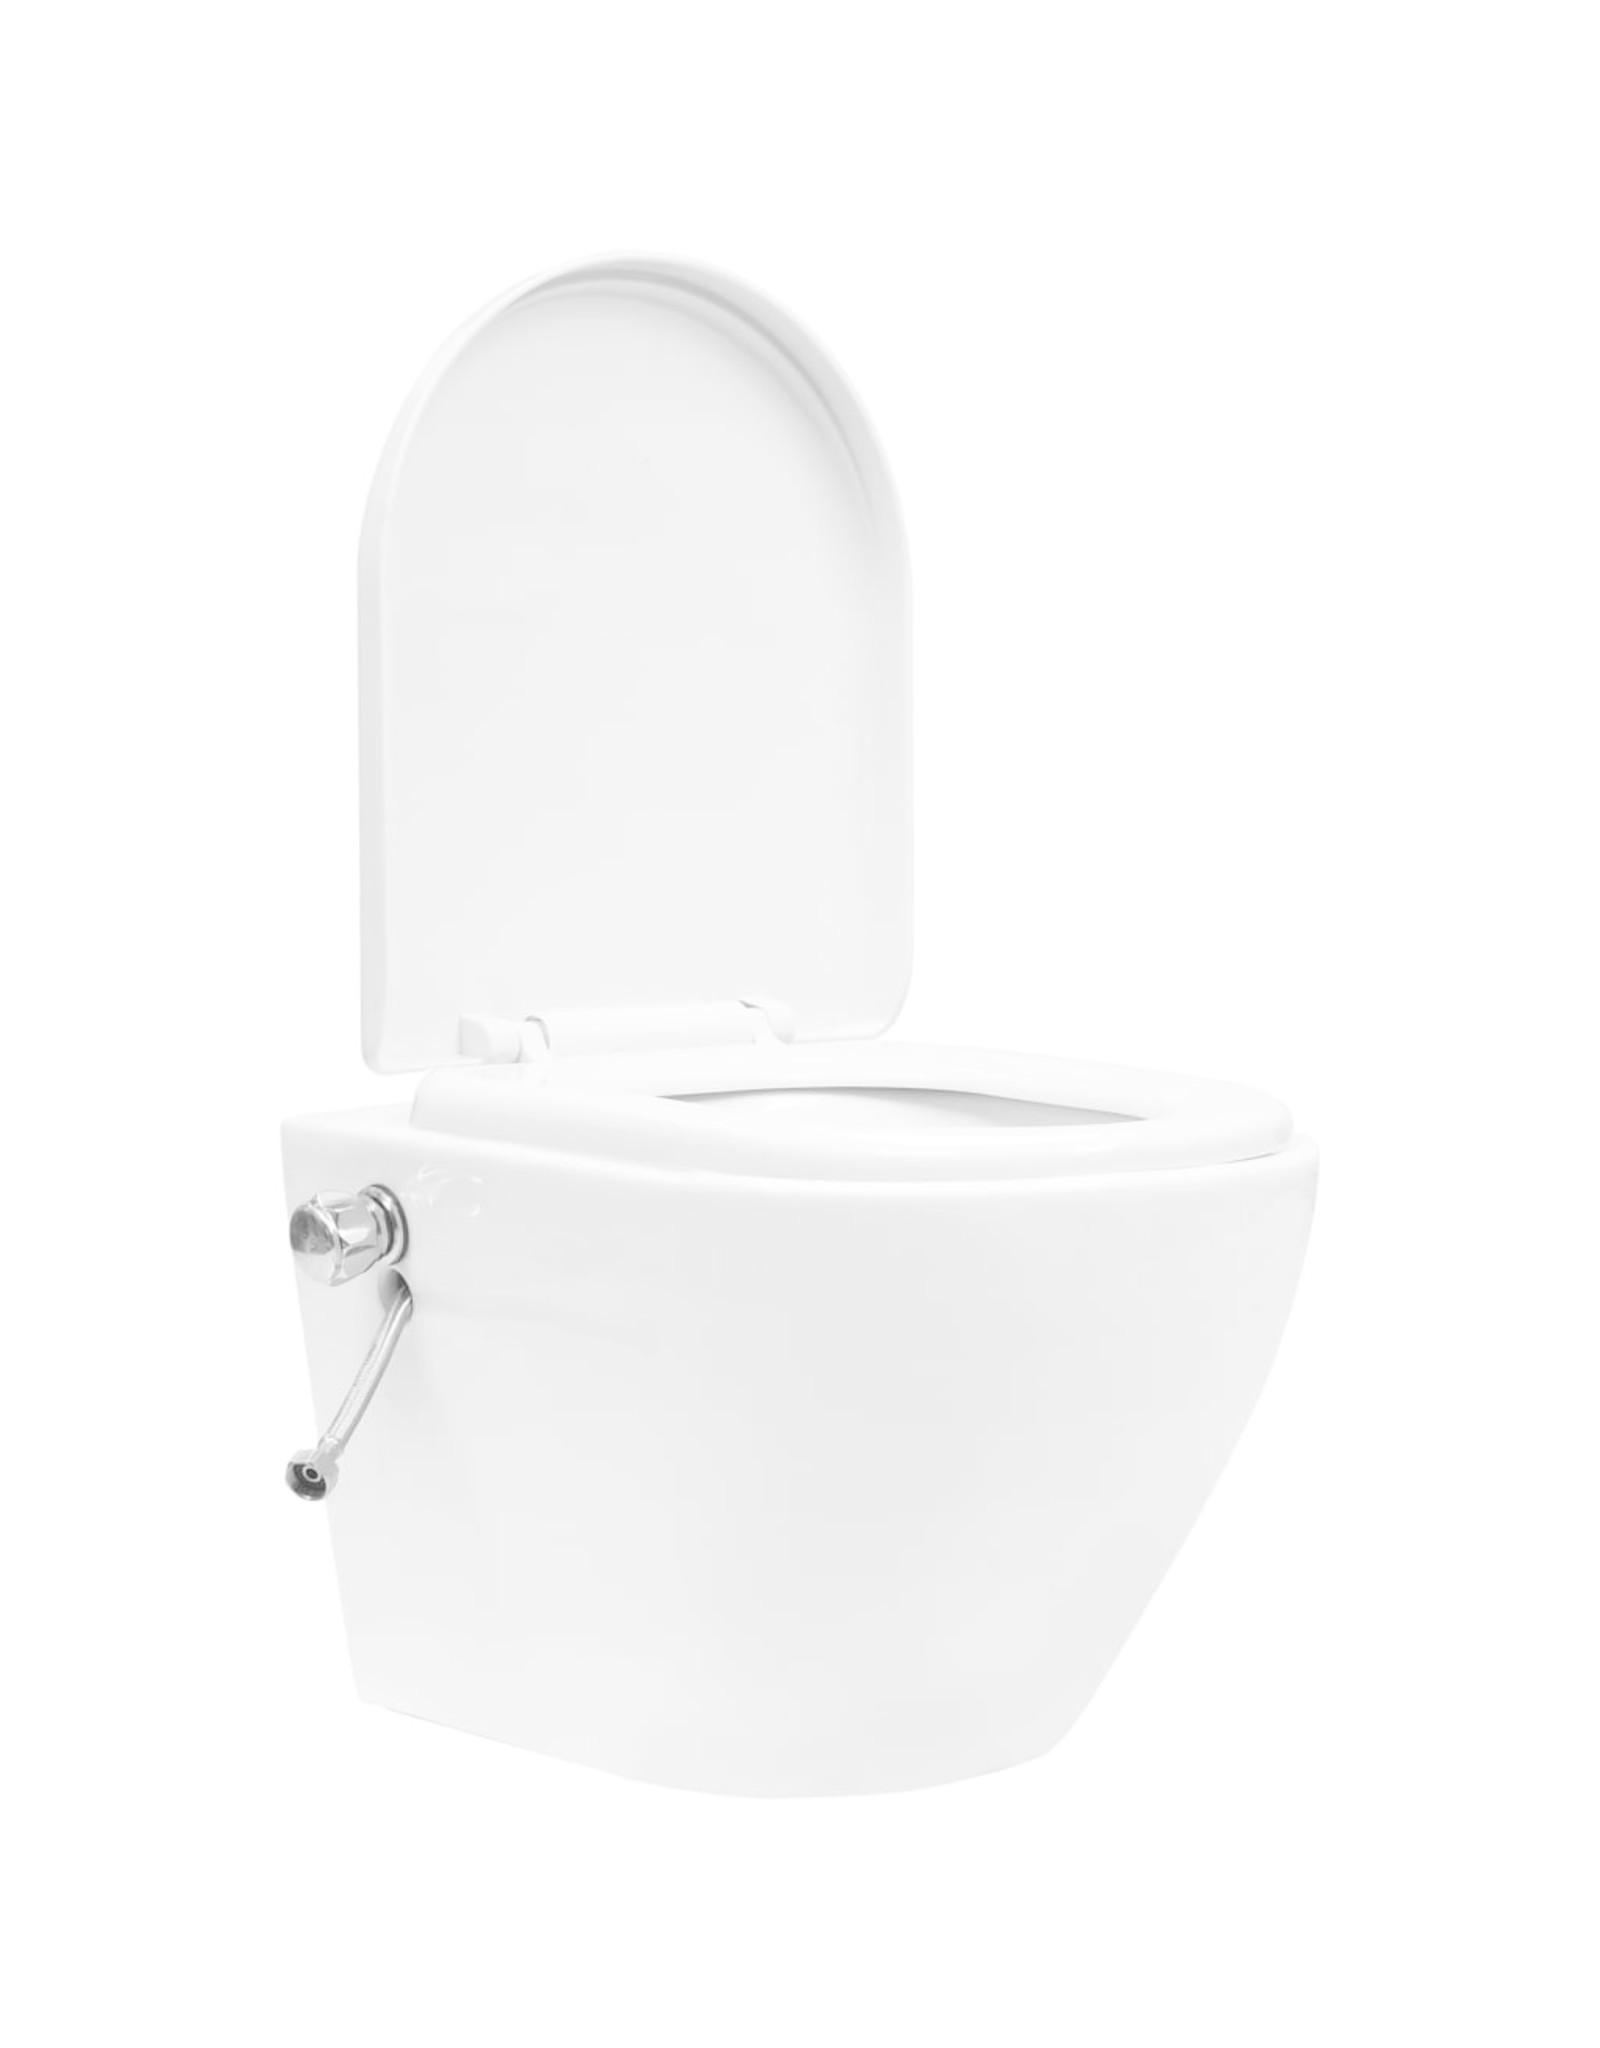 Hangend toilet randloos met verborgen stortbak keramiek wit